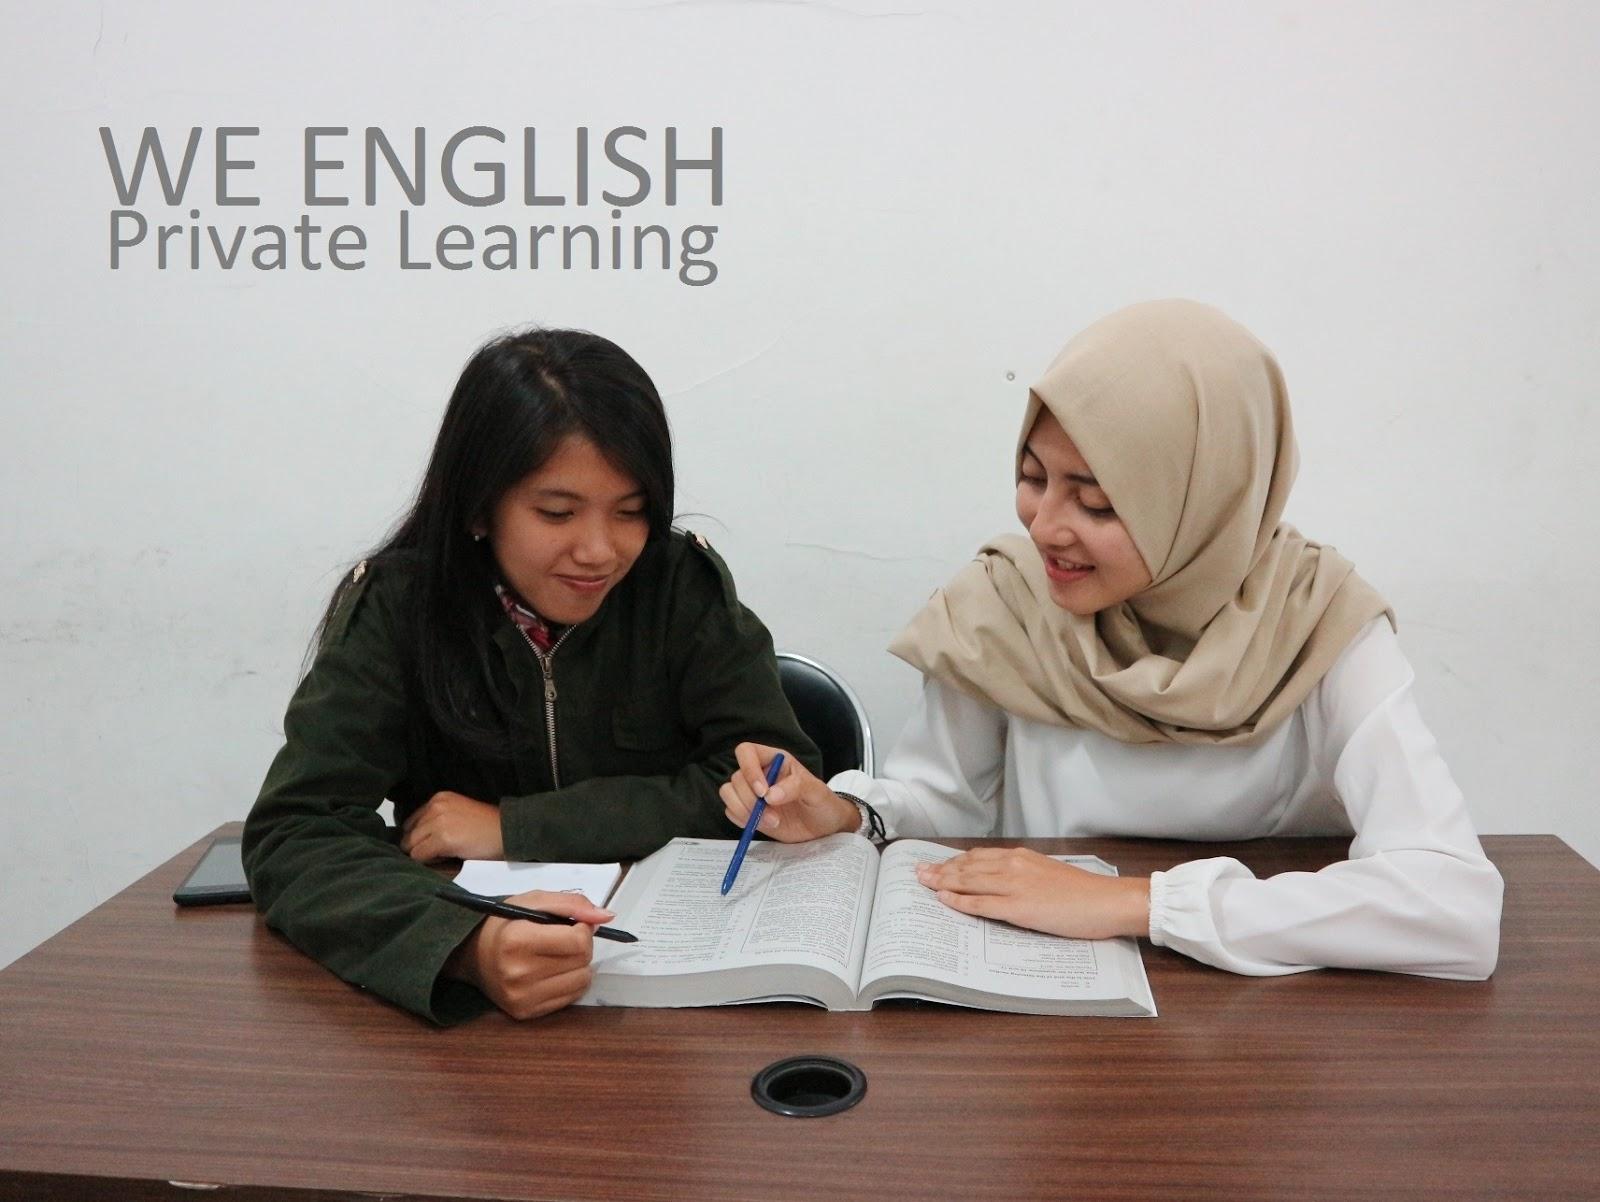 Les Privat Bahasa Inggris Di Jogja Guru Datang Ke Rumah Termurah semua jenjang, mulai dari dasar, reading, speaking, grammar.